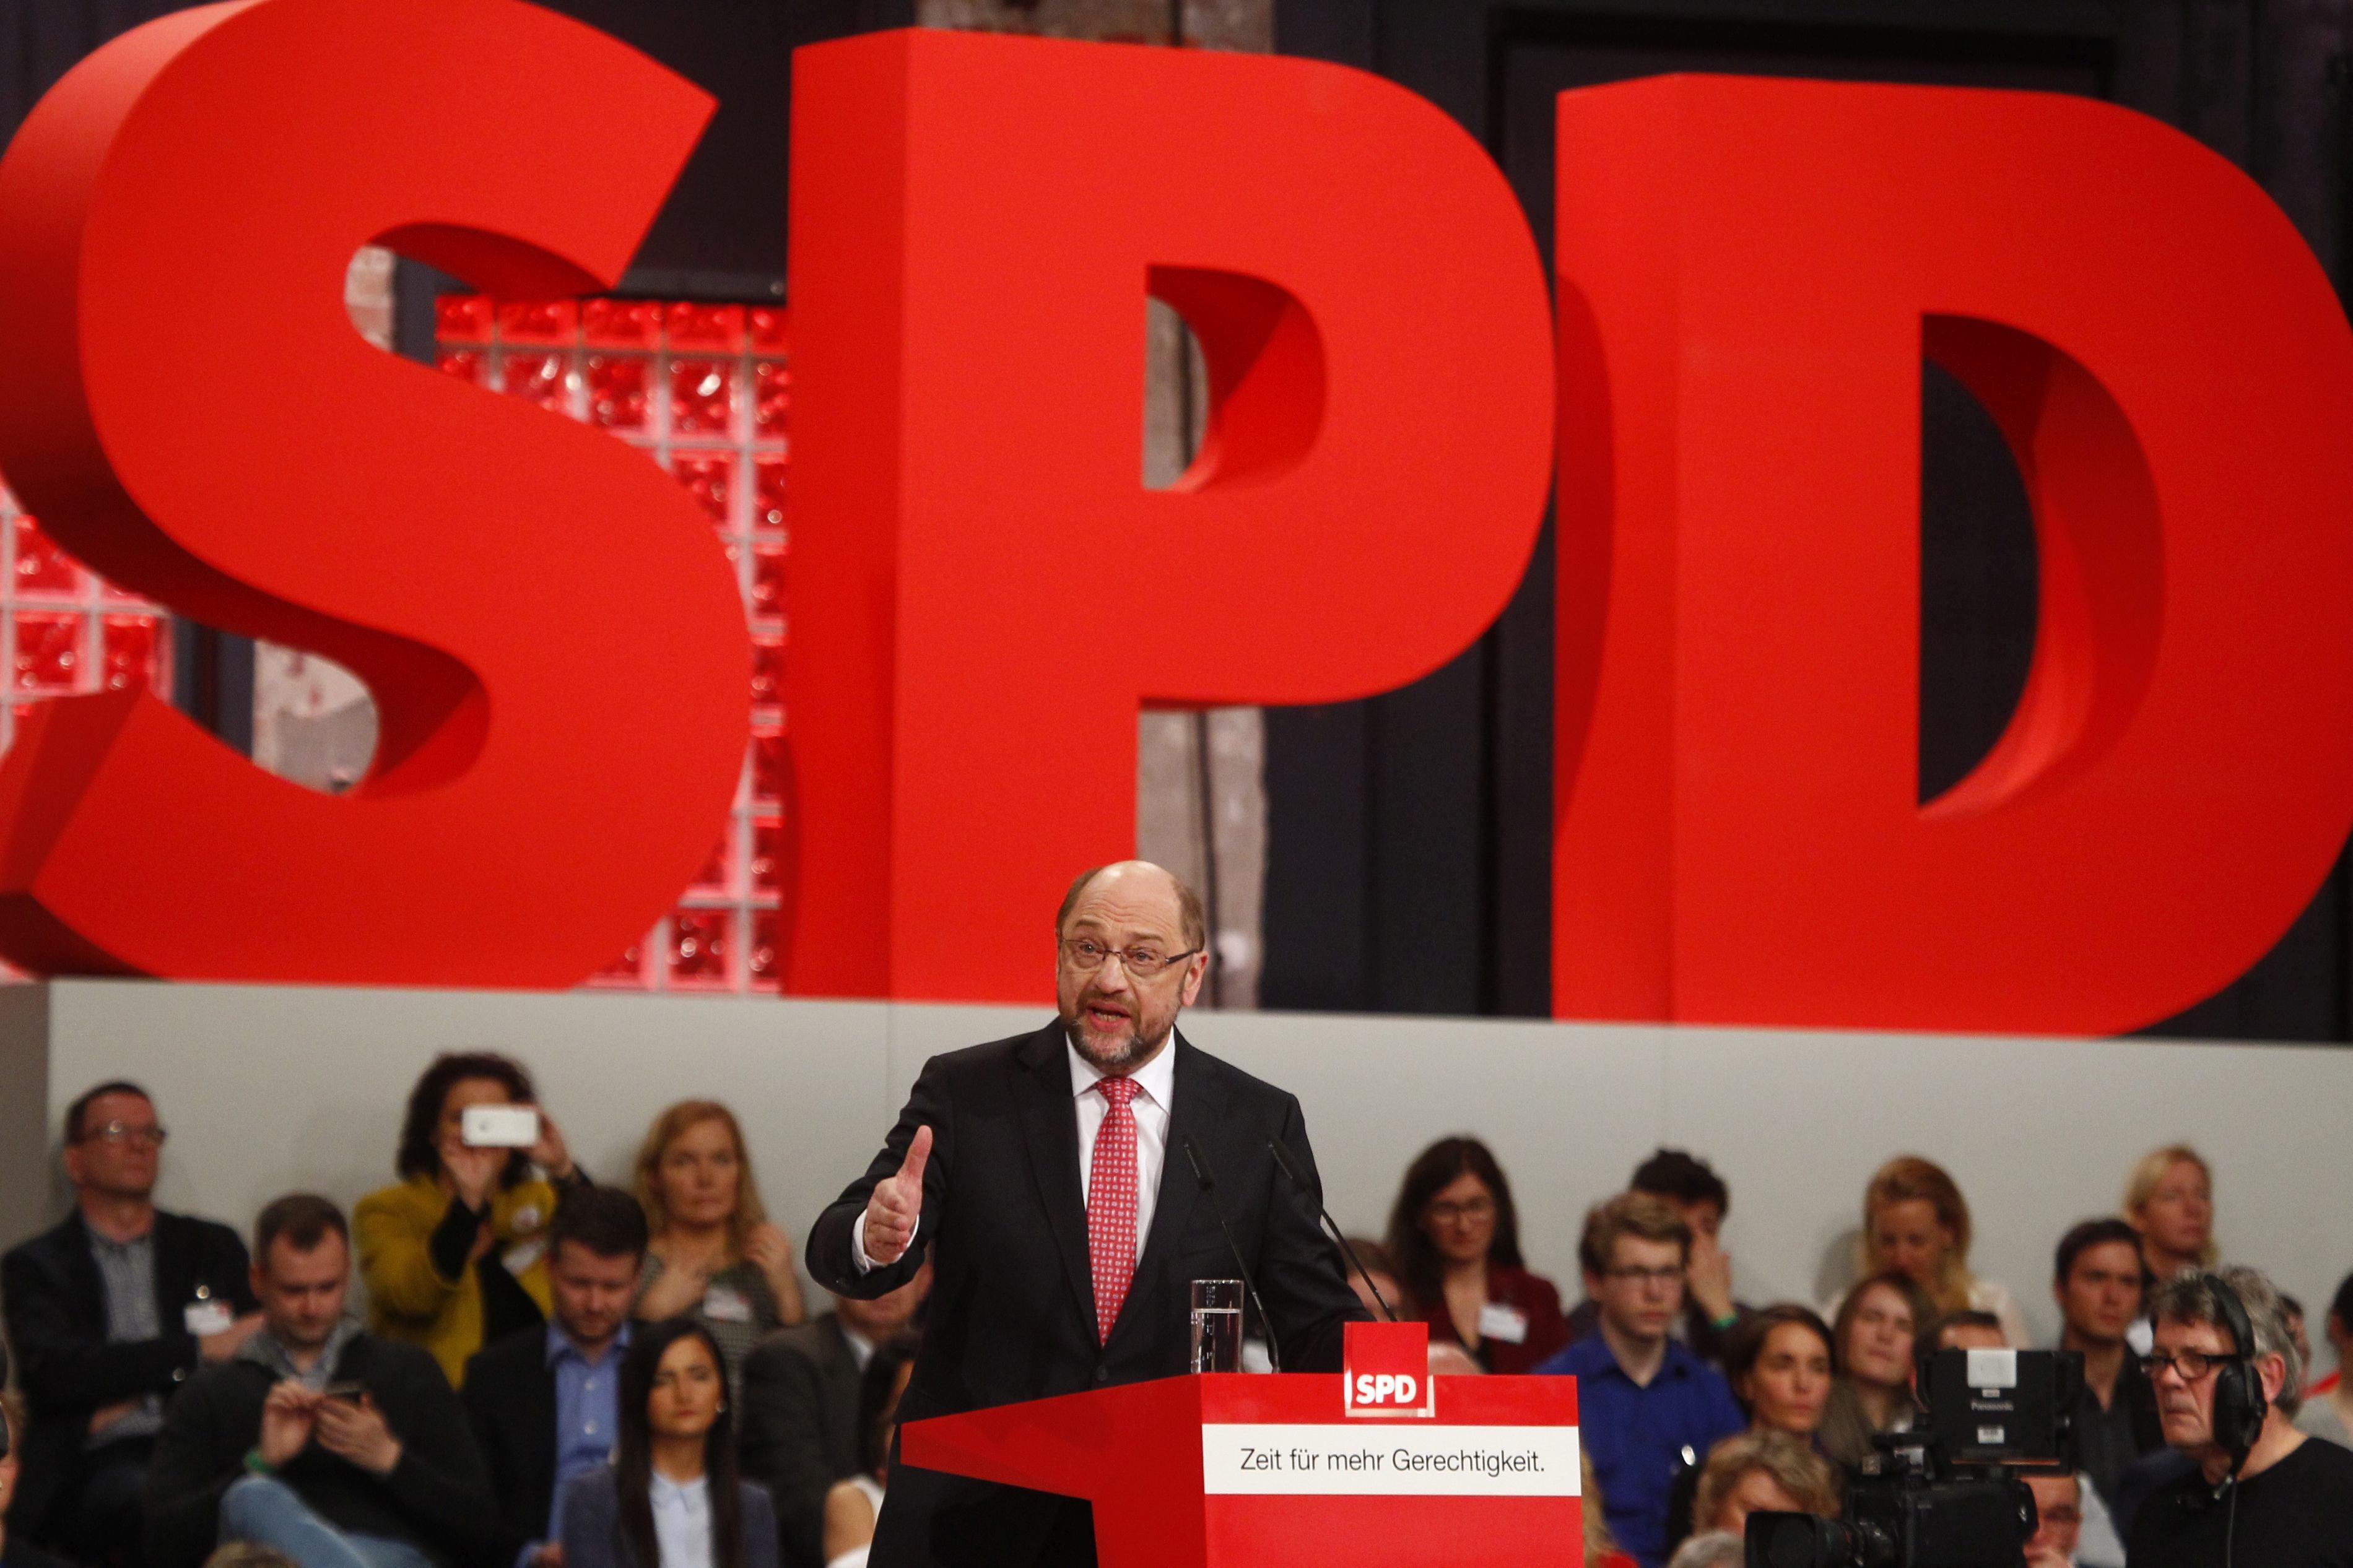 Social-democraţii germani au votat în favoarea iniţierii negocierilor pentru formarea unui nou Guvern cu CDU/CSU